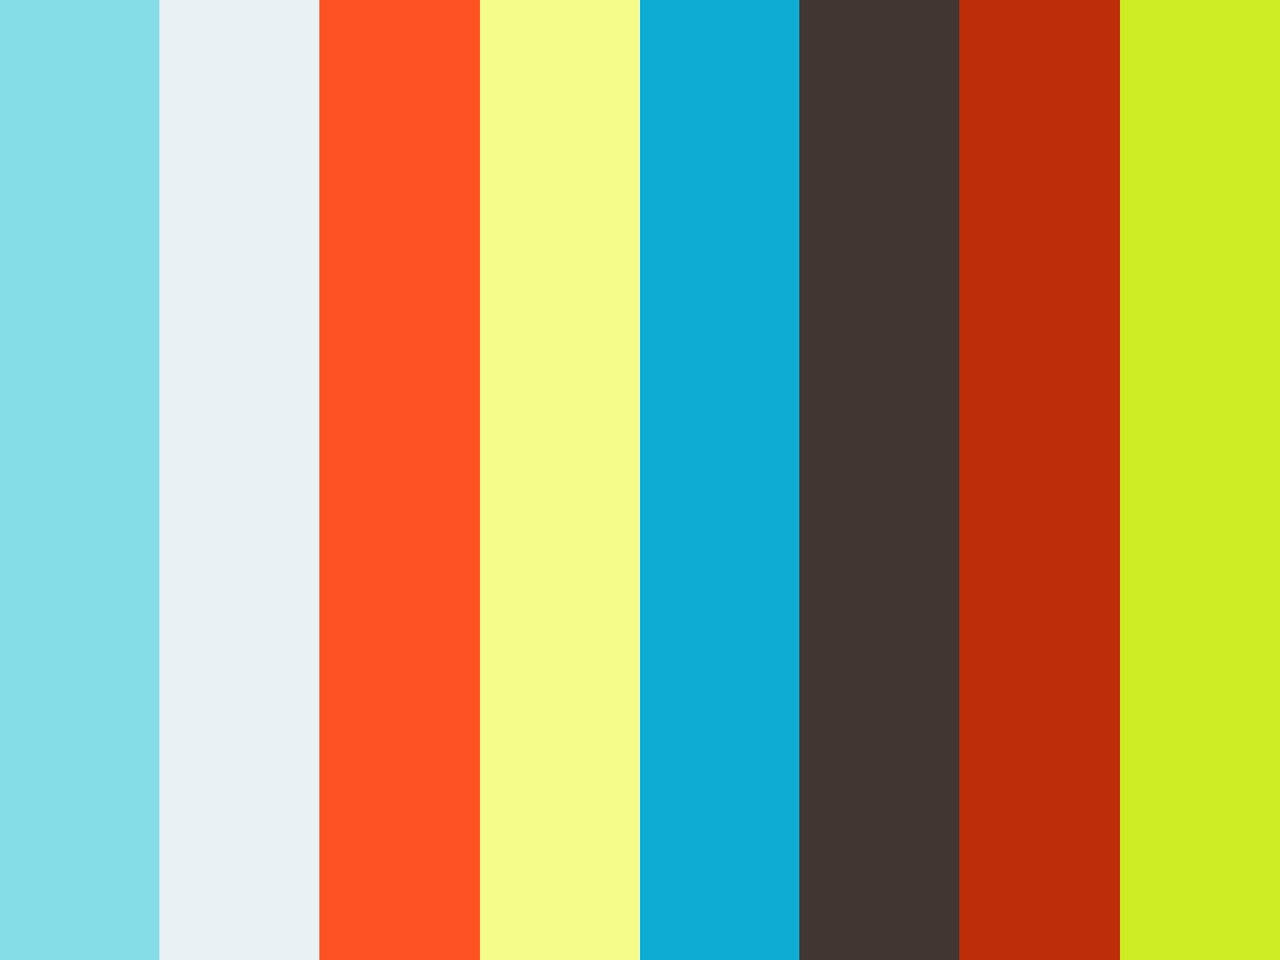 DAS SALZ DER ERDE | Wim Wenders | Trailer (German)